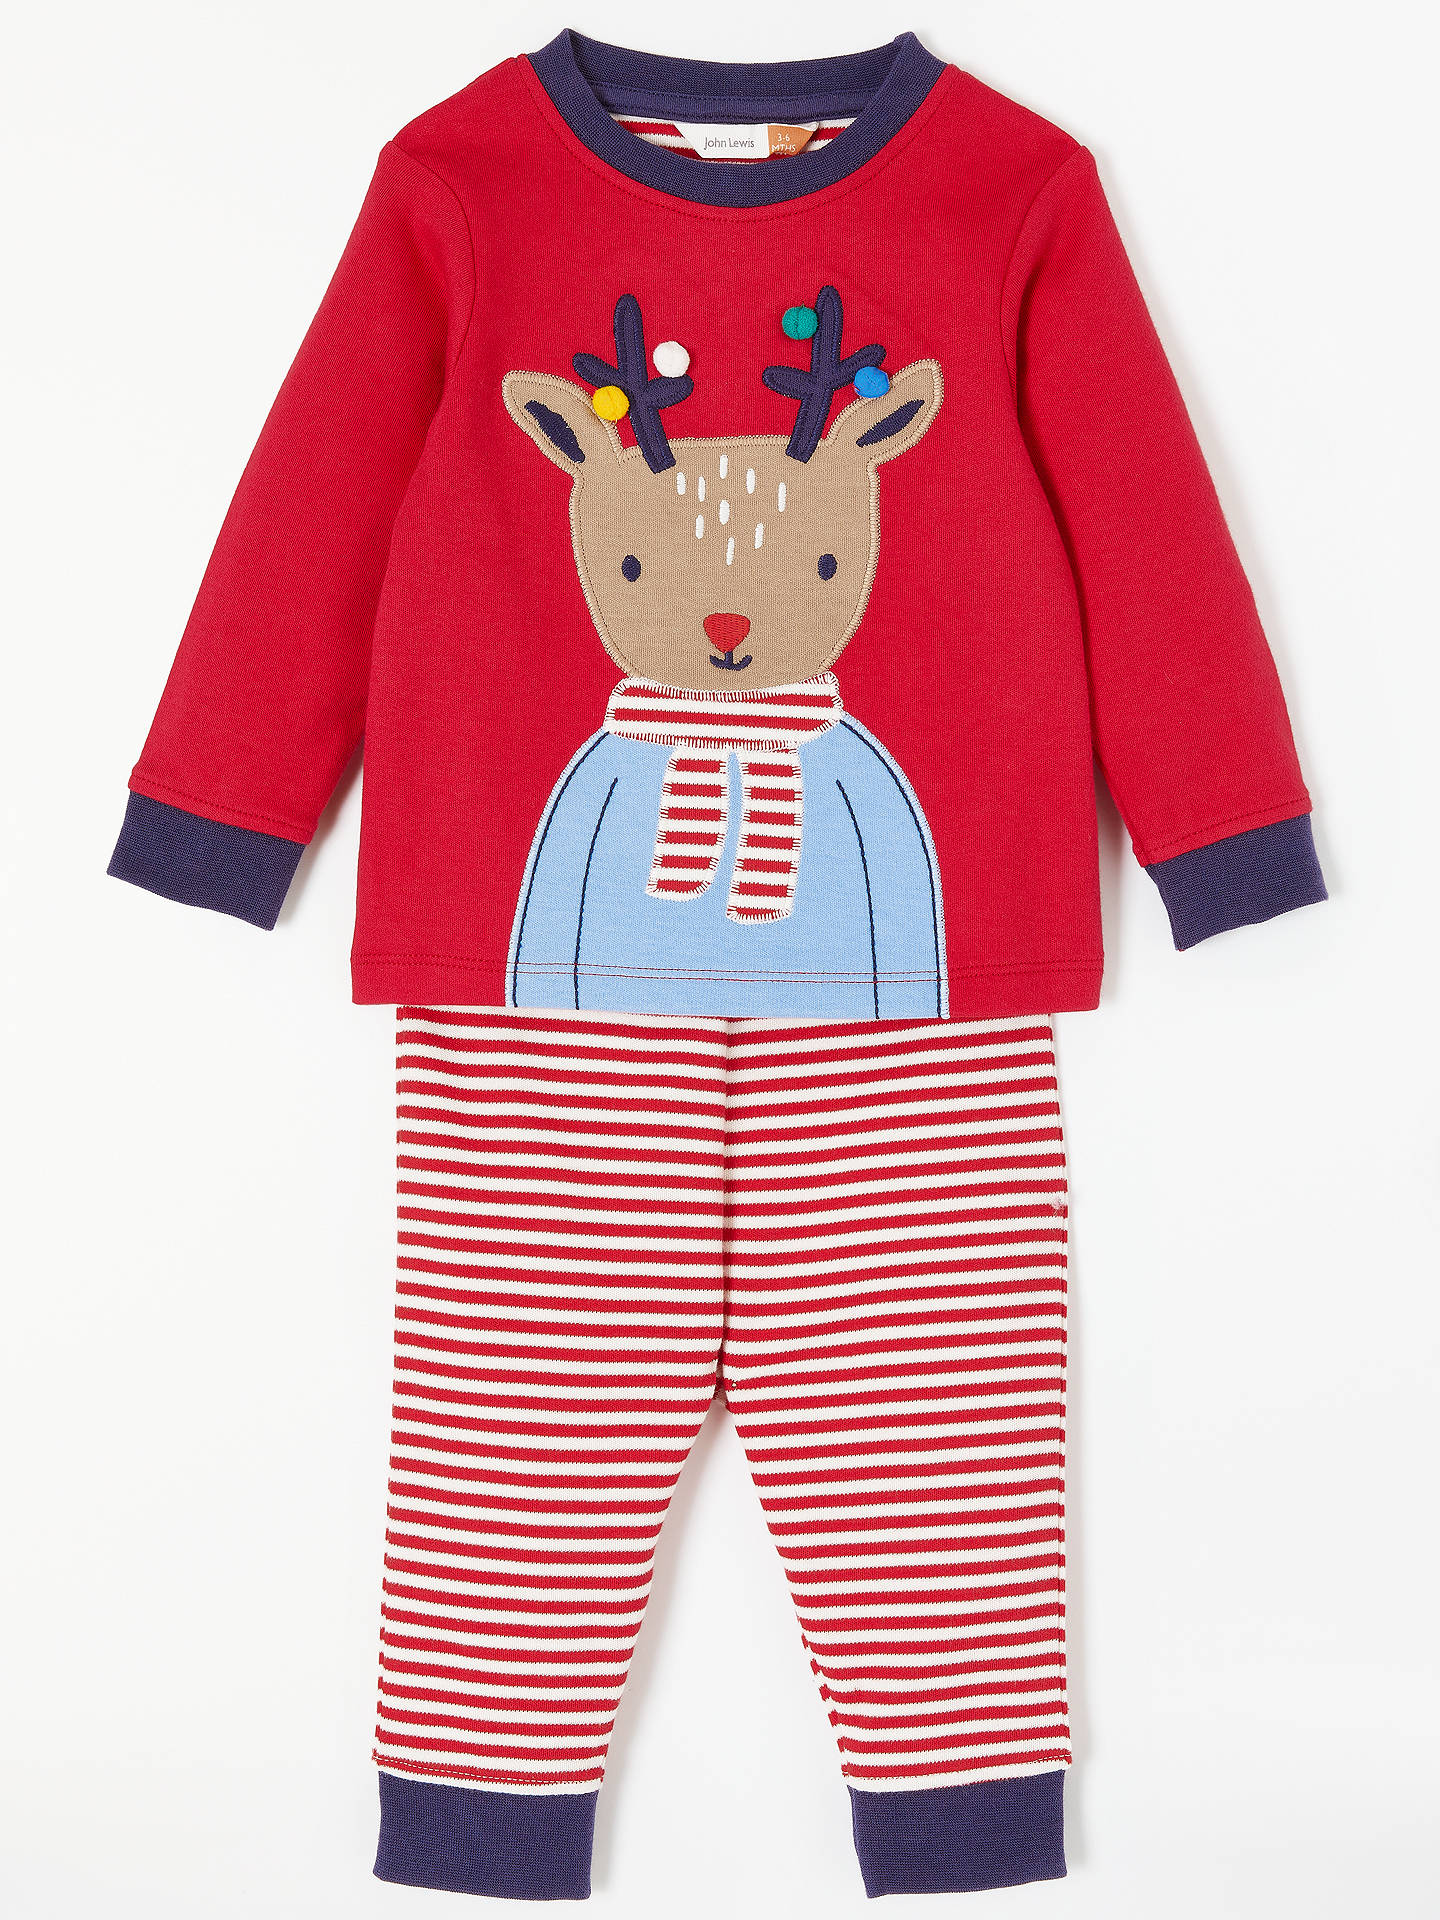 eb16e4ecb9 BuyJohn Lewis   Partners Baby Christmas Reindeer Pyjama Set